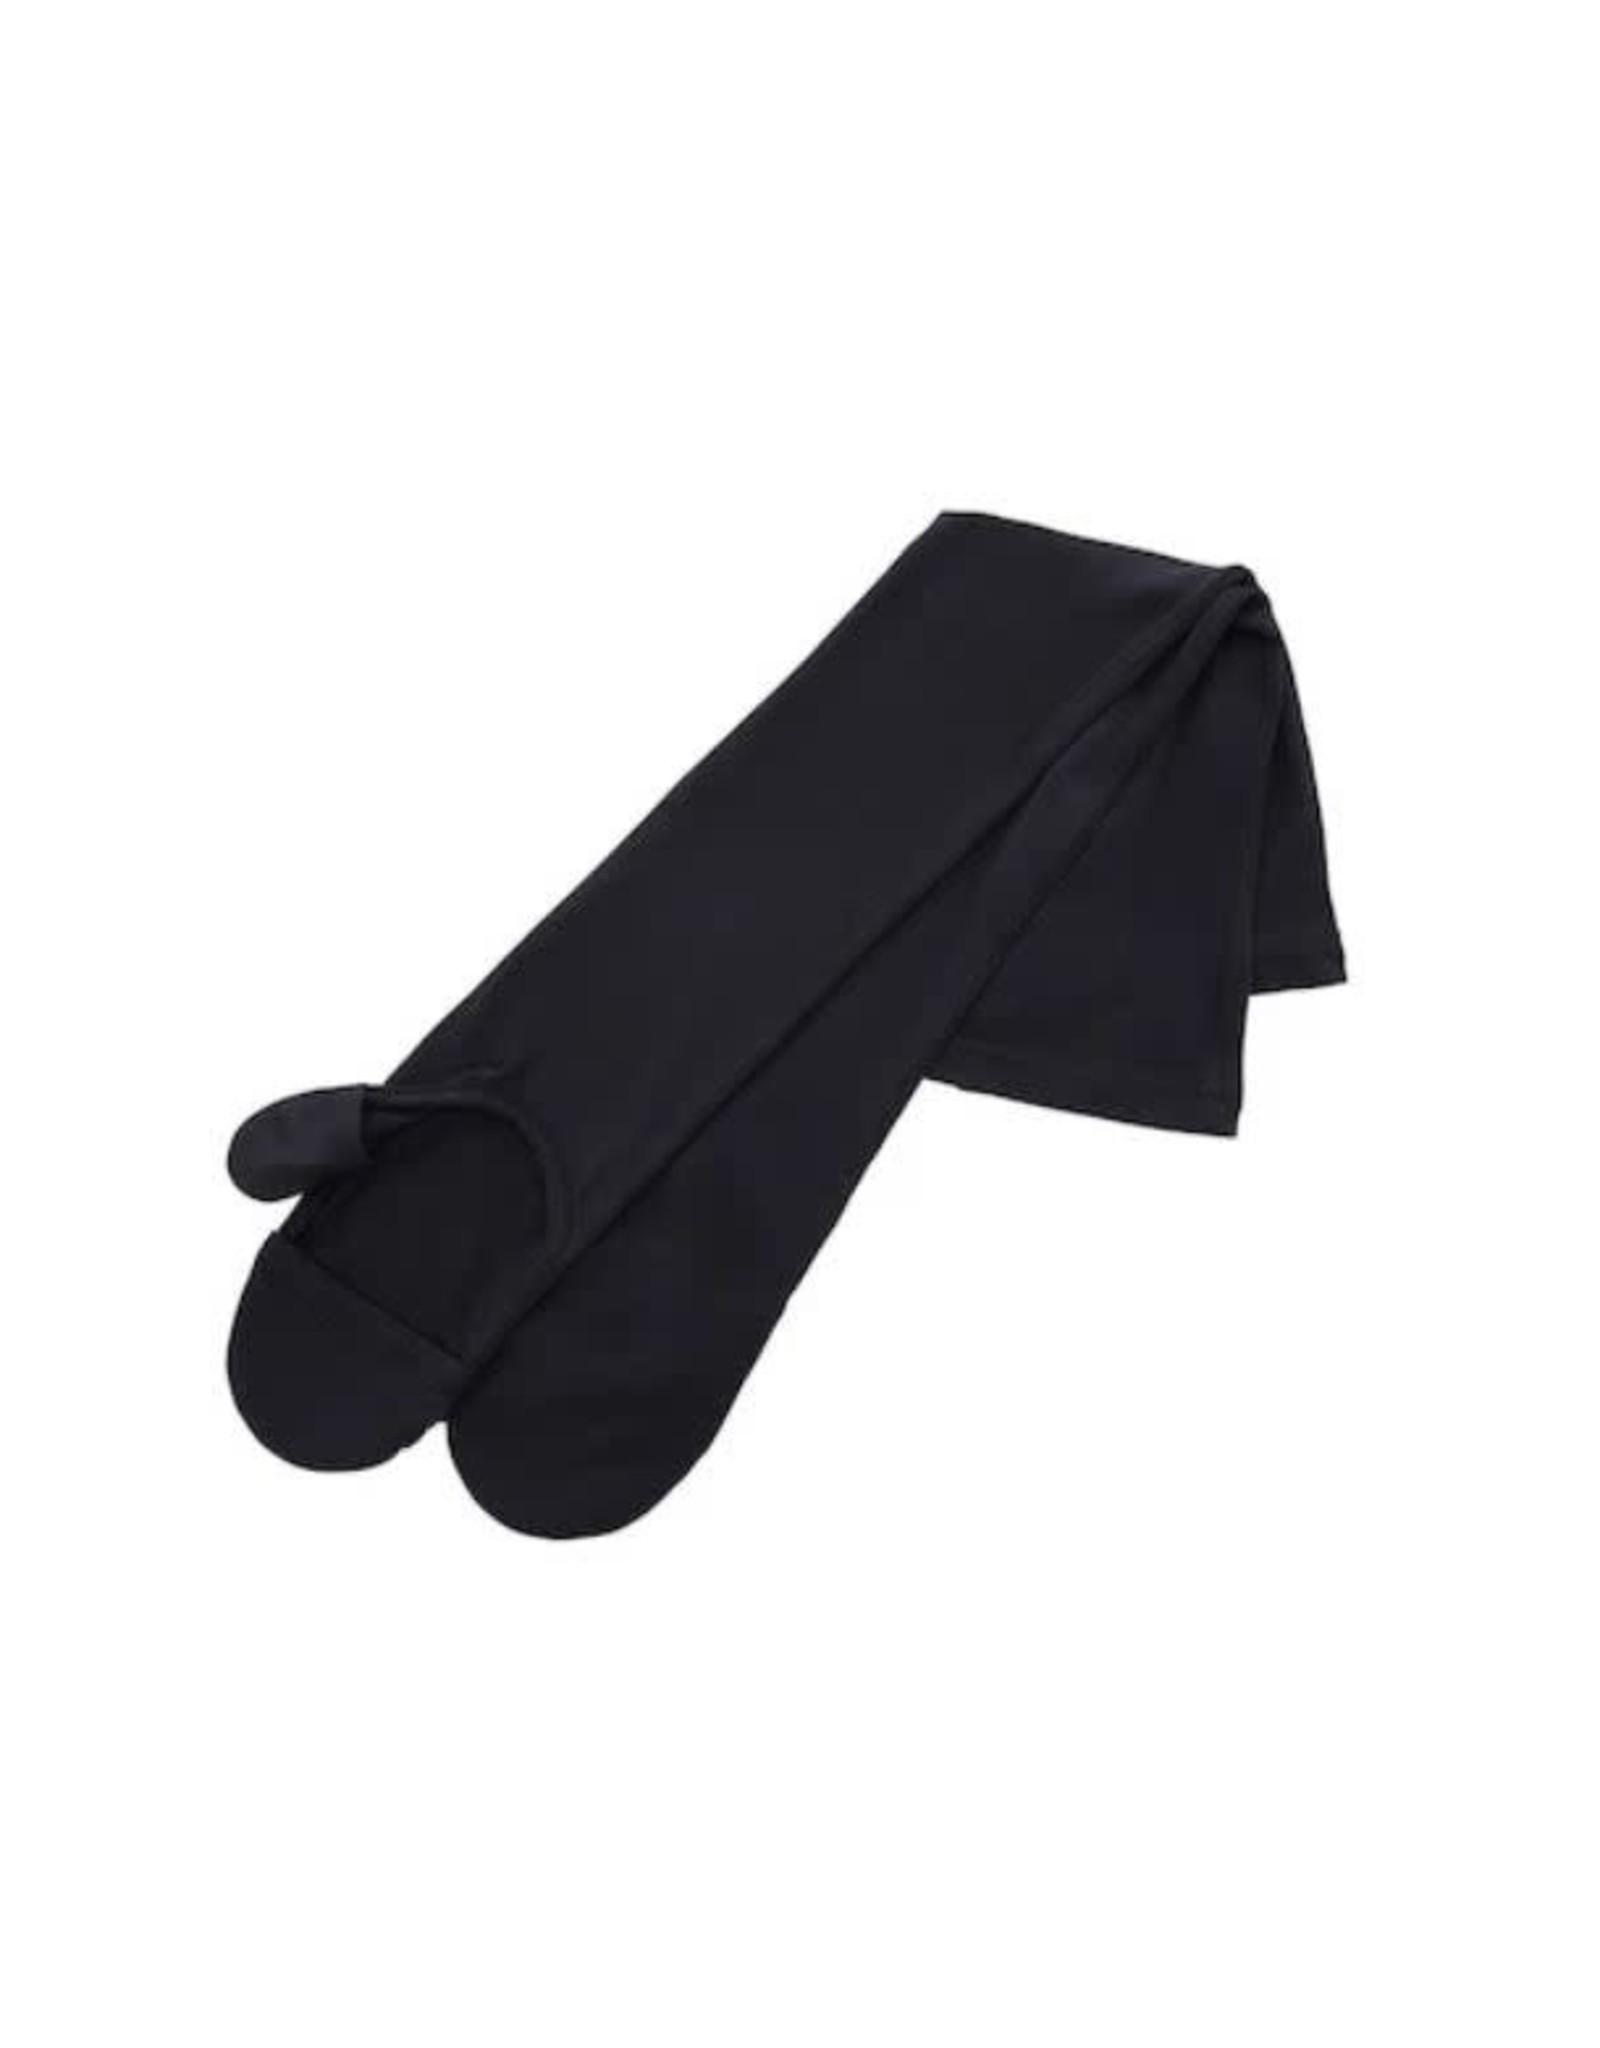 UV Cut Arm&Finger Cover - Black